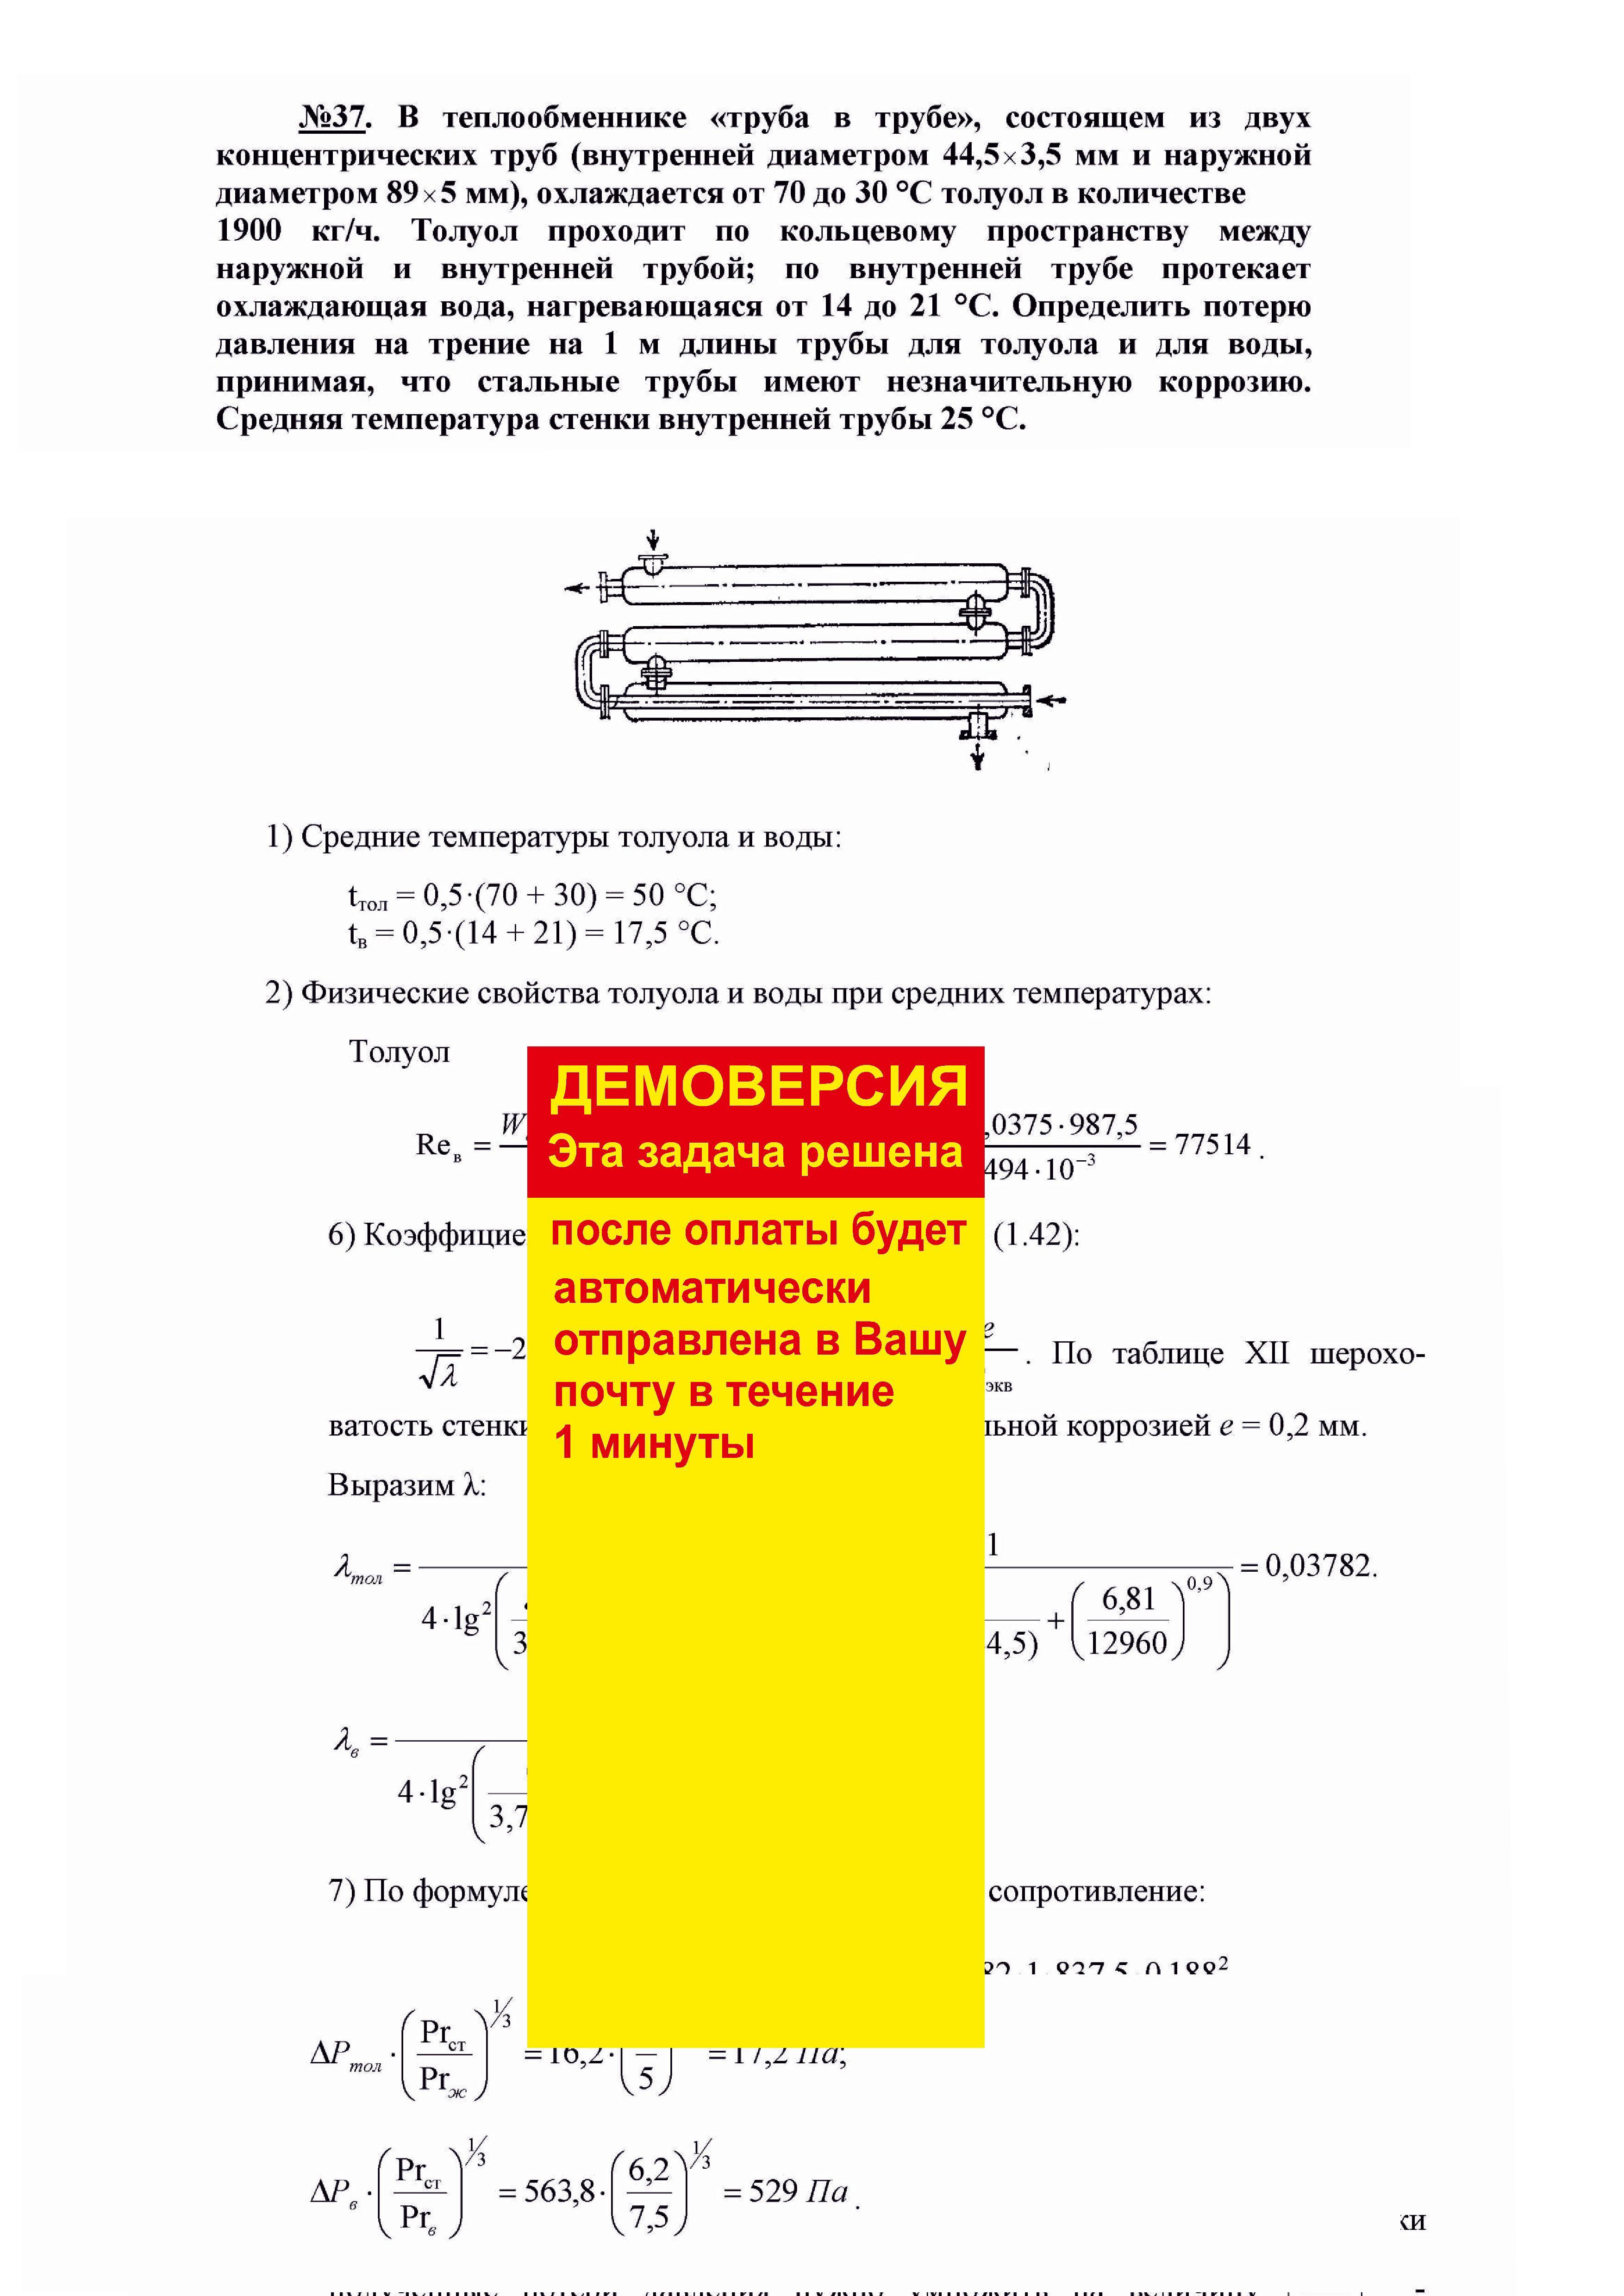 Решение задачи 1.37 по ПАХТ из задачника Павлова Романкова Носкова